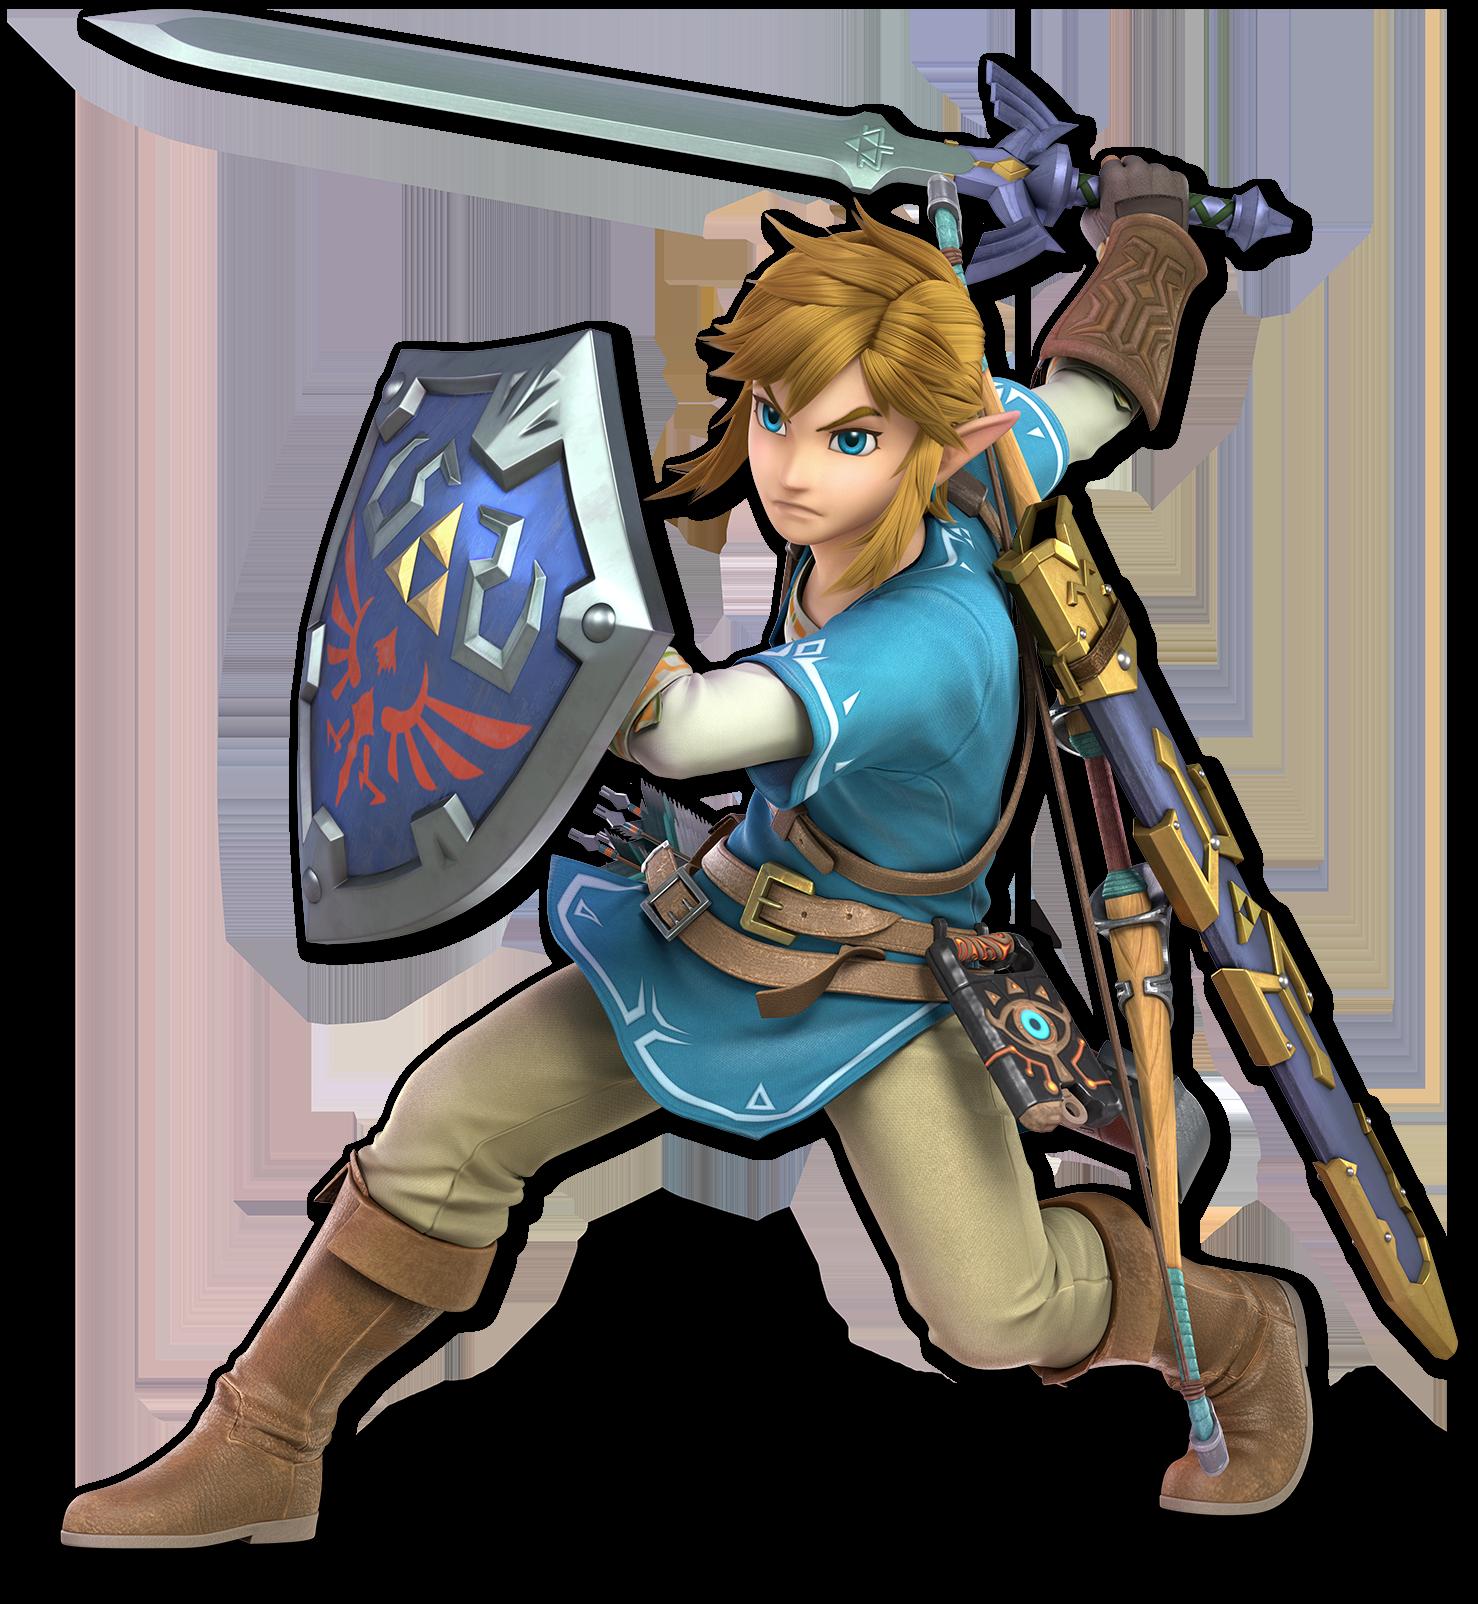 Link In Super Smash Bros Ultimate Super Smash Bros Characters Smash Bros Super Smash Ultimate